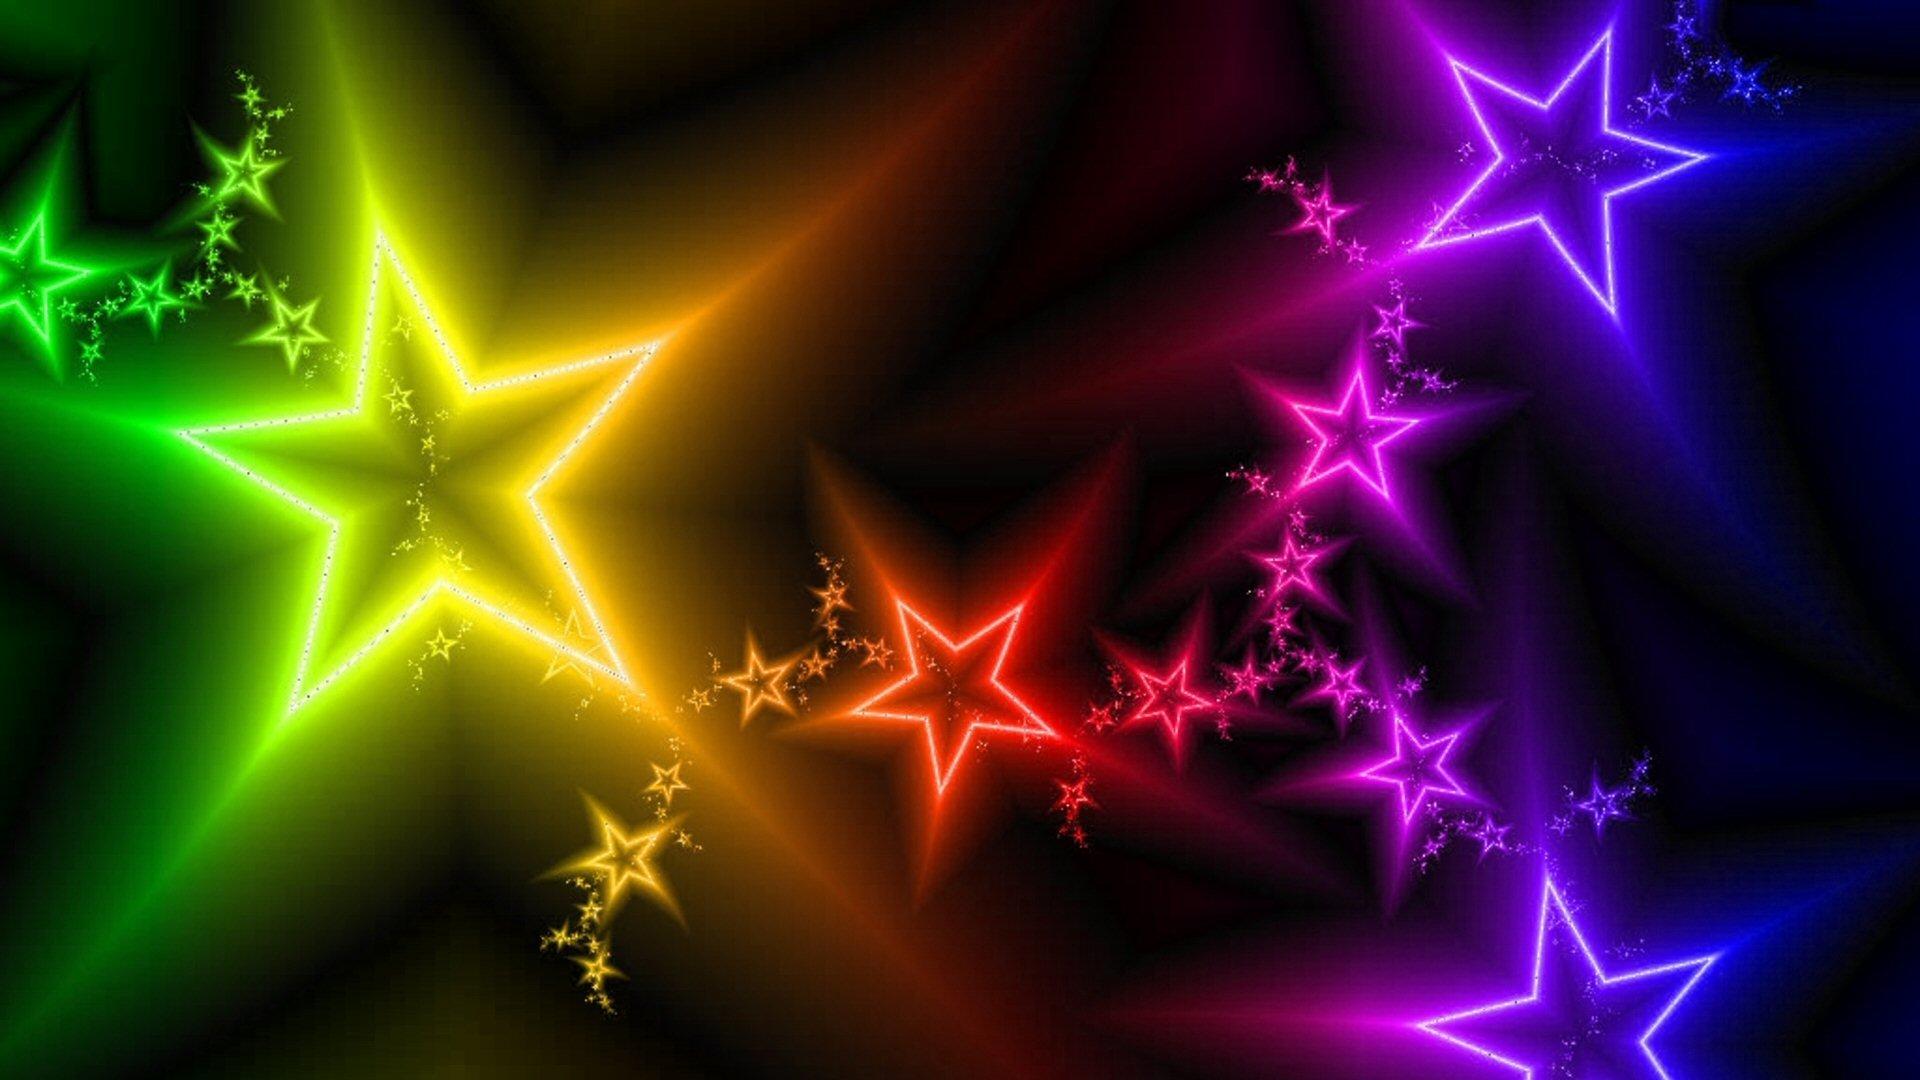 艺术 - 星星  Star 壁纸